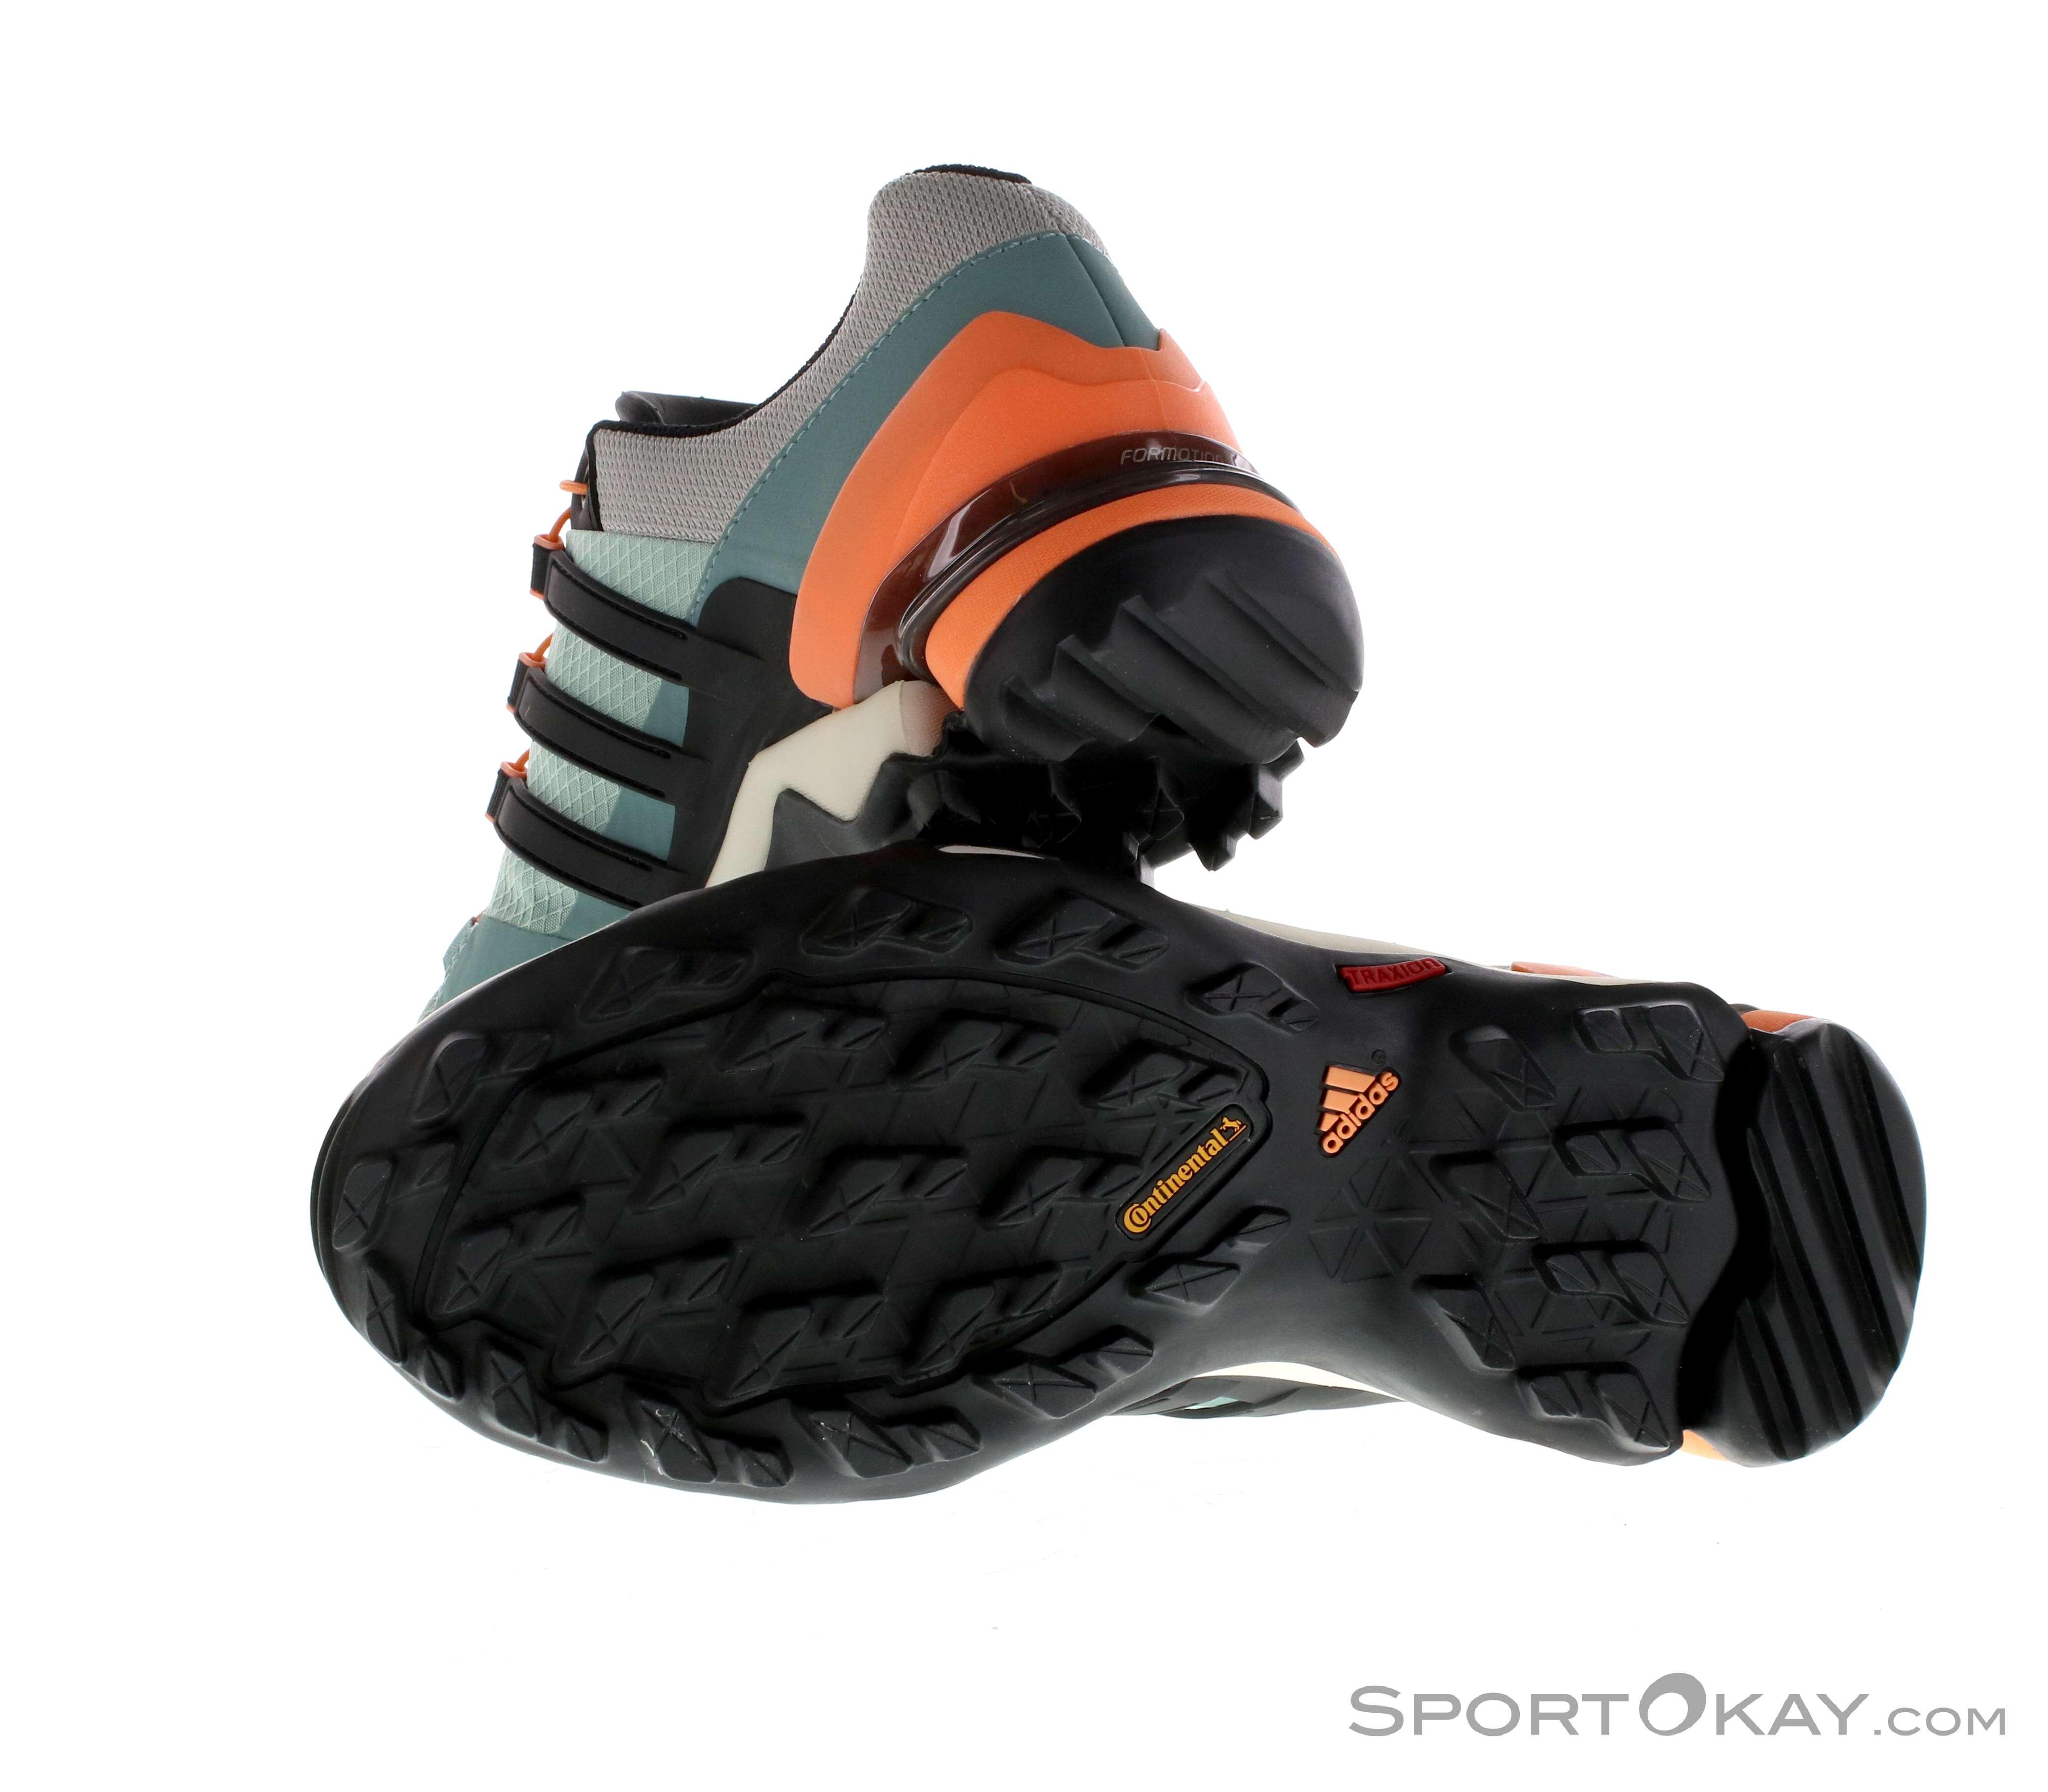 Gtx Tex R Outdoor Adidas Donna Fast Scarpe Terrex Gore 3Lqc4RjS5A